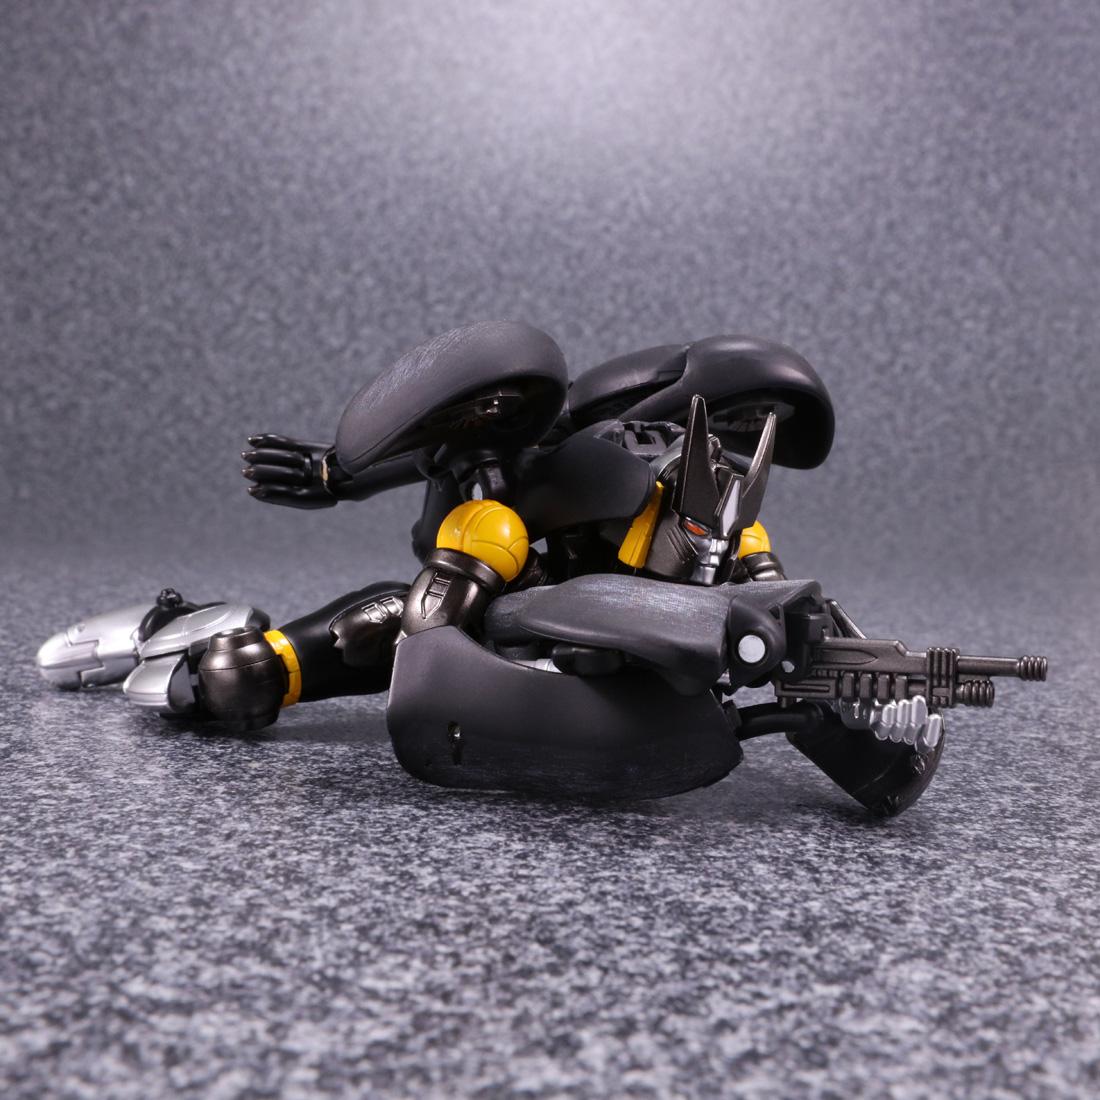 【蔵出し再販】トランスフォーマー マスターピース『MP-34S シャドーパンサー』ビーストウォーズ 可変可動フィギュア-005